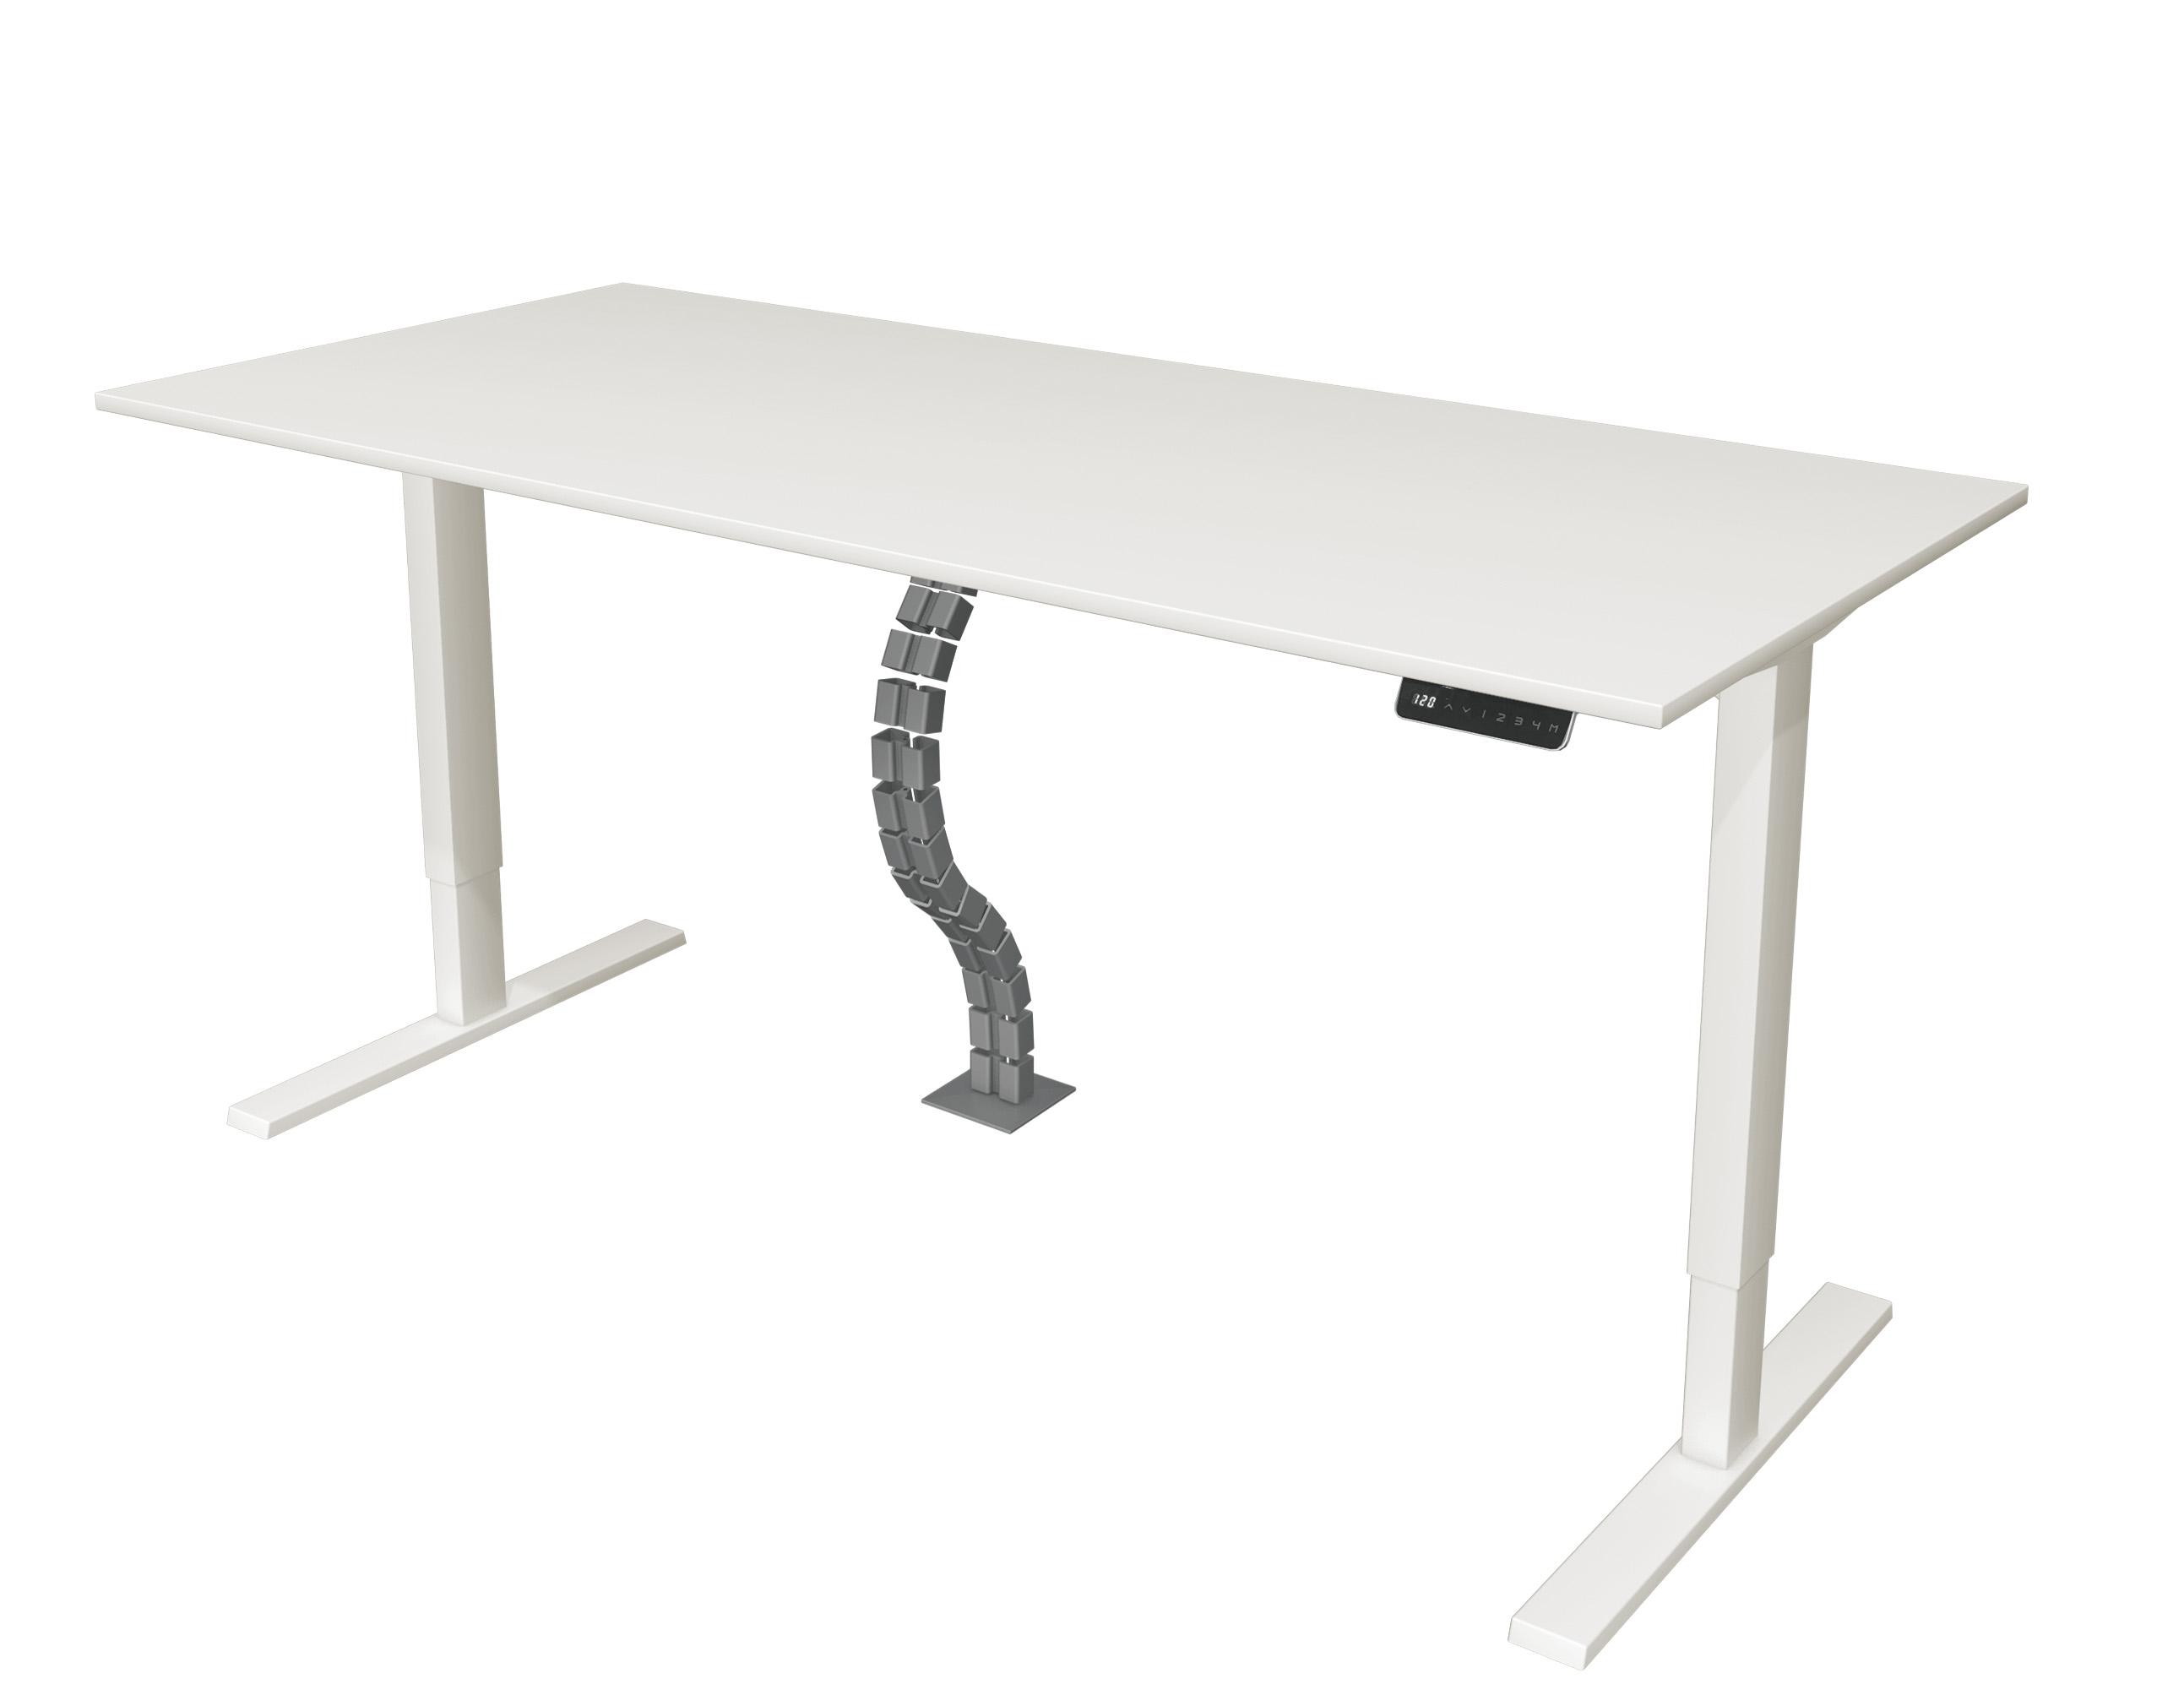 Vertikale Kabelführung für höhenverstellbaren Schreibtisch Move